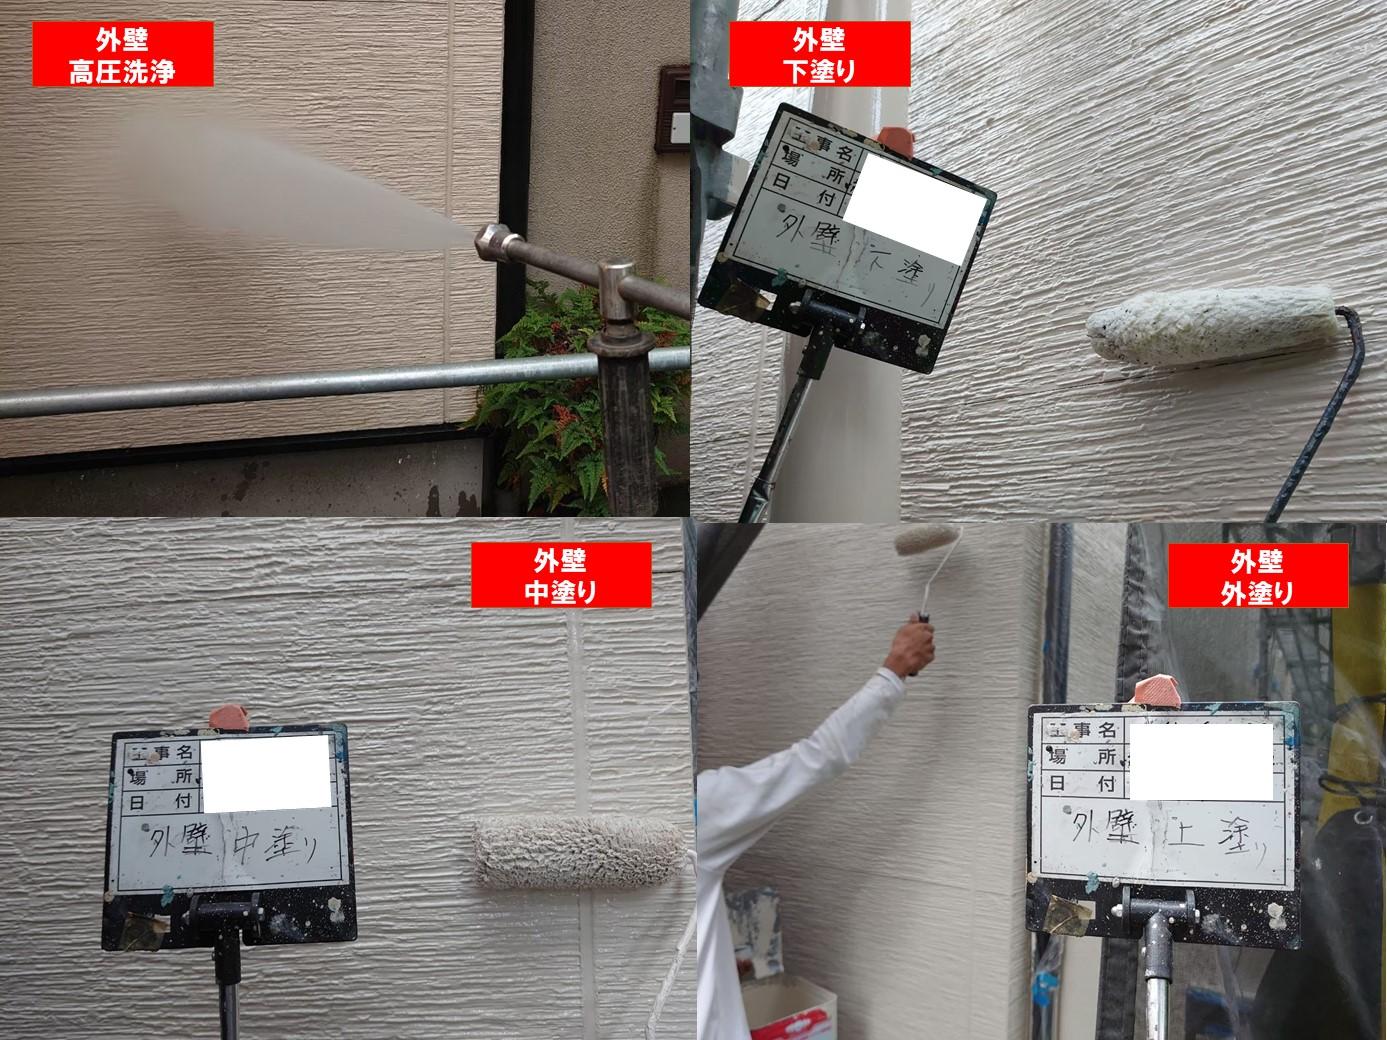 【施工完了報告!】手抜き工事は一切行いません!!神奈川県茅ケ崎市にて塗装工事を完工!